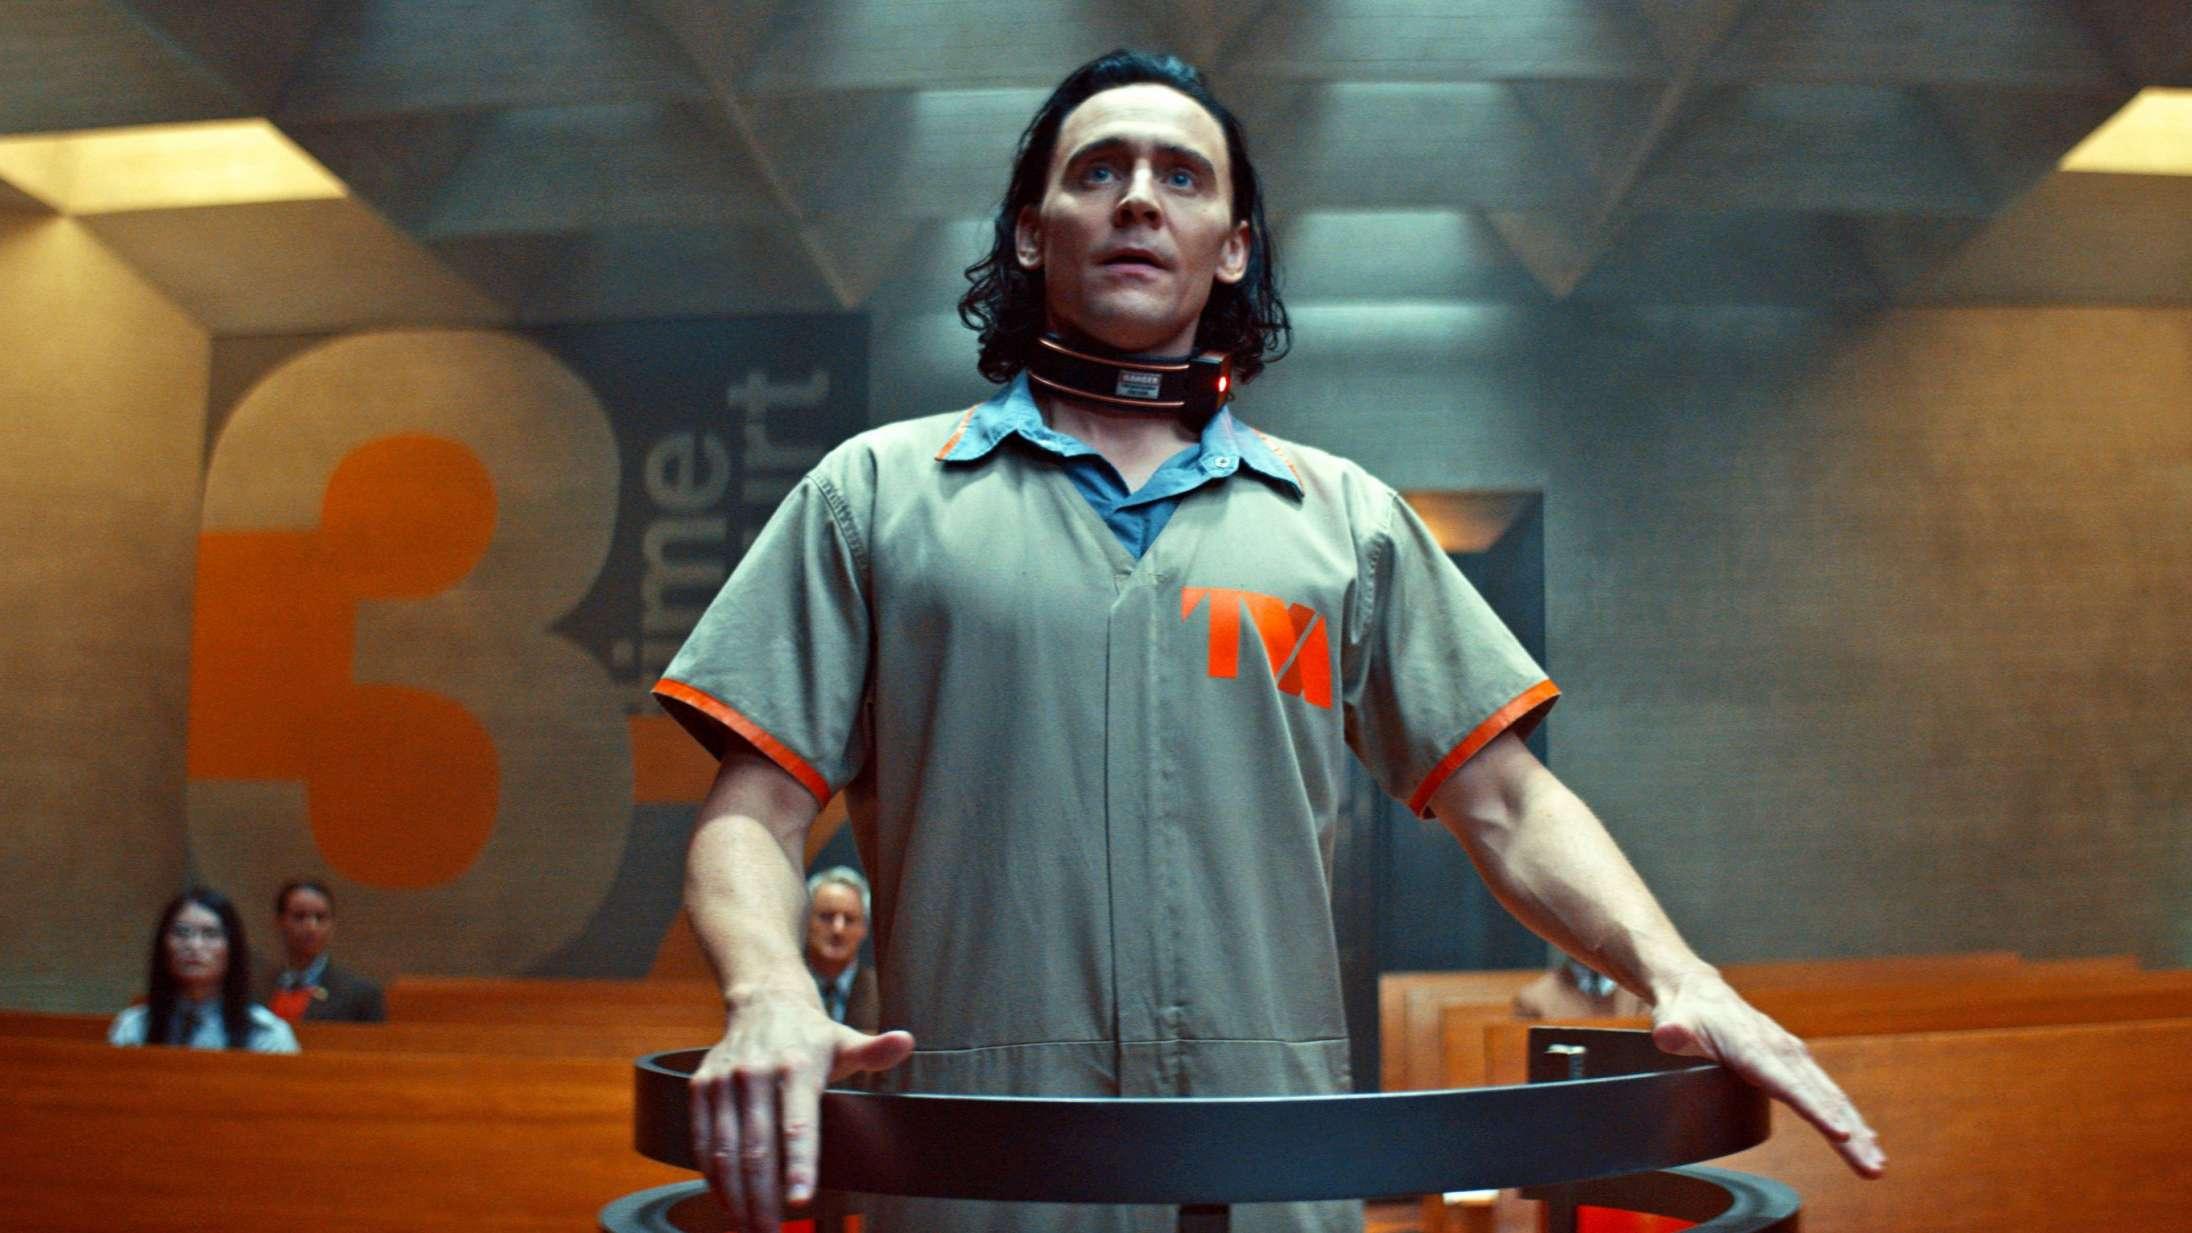 Holdet bag Marvel-serien 'Loki': »'Seven' har været en stor indflydelse«